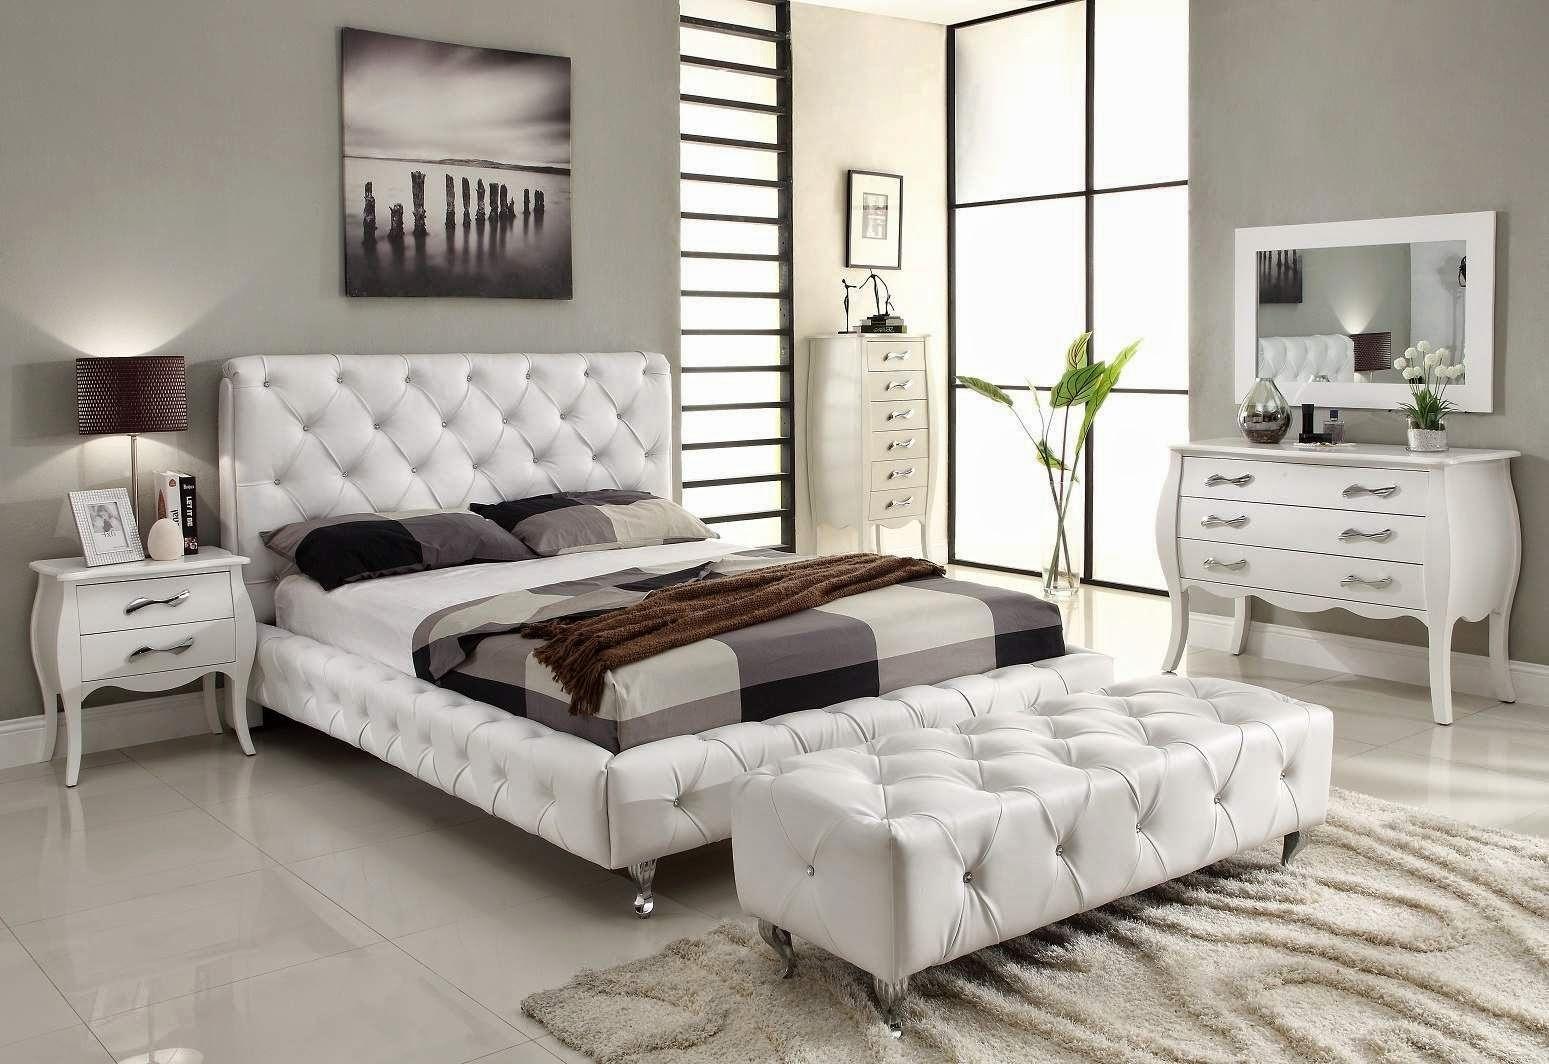 Quelle couleur pour une chambre id es d co moderne - Quelles couleurs pour une chambre ...